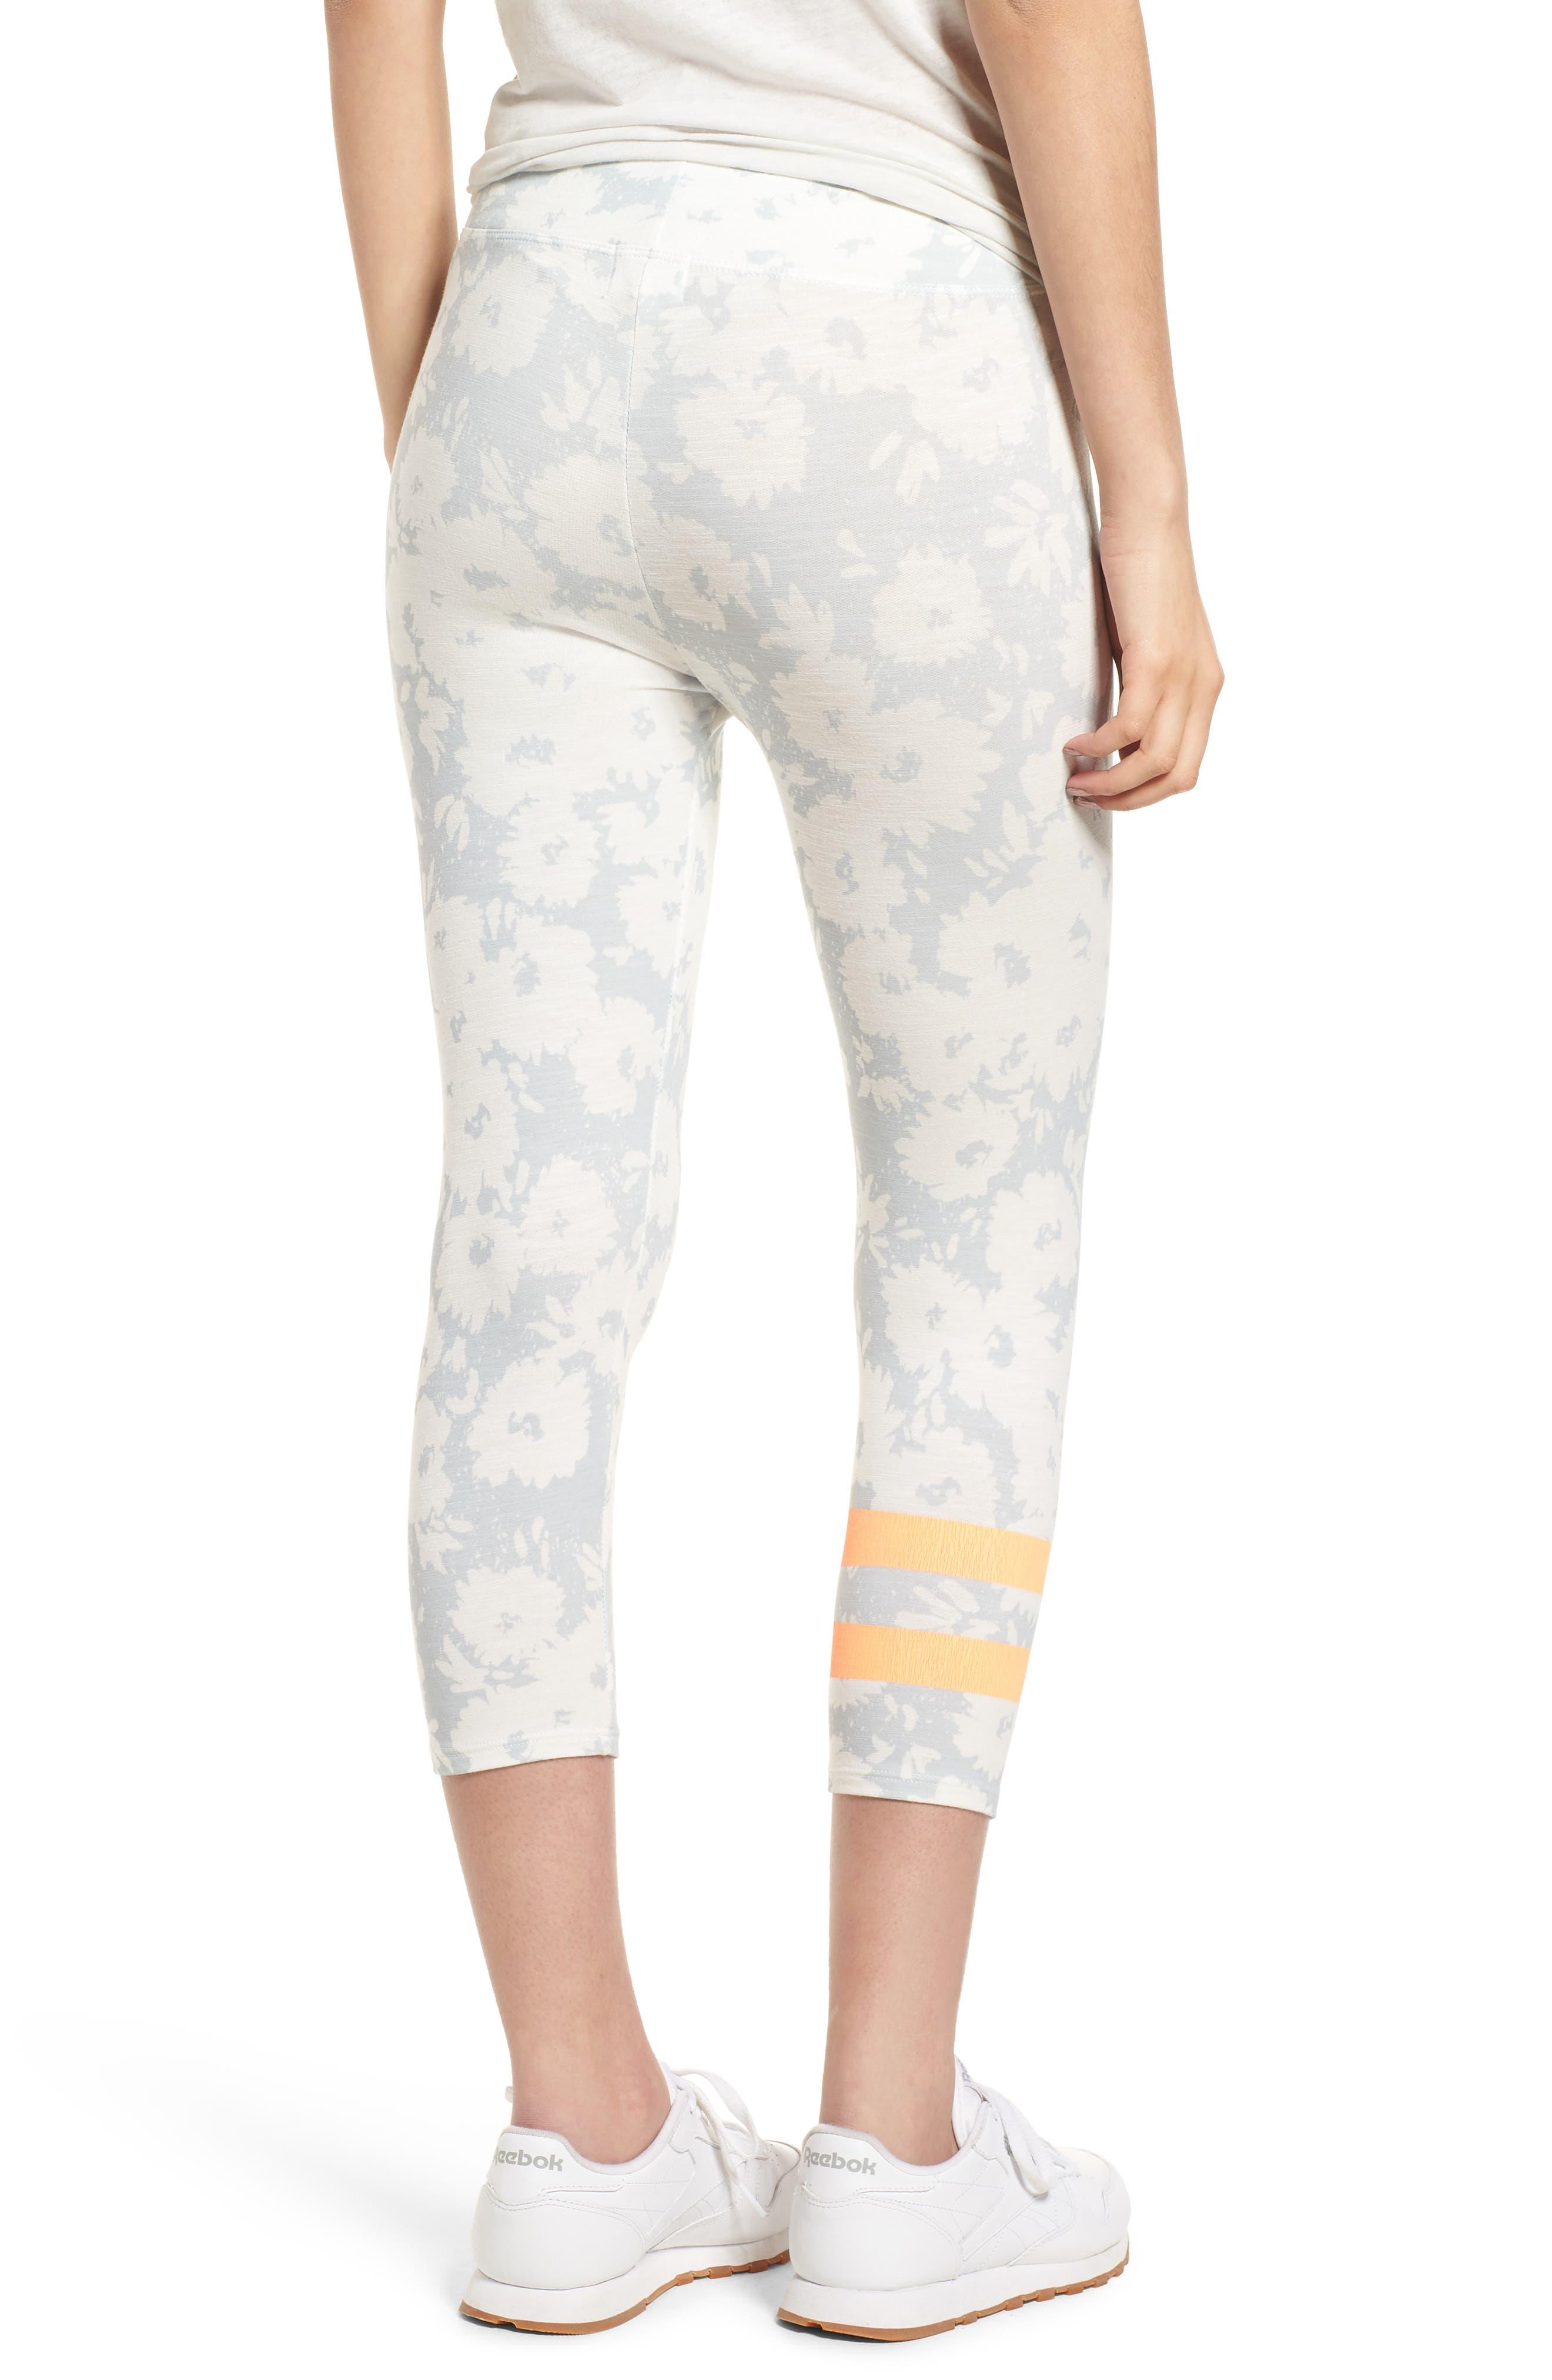 Stripe Print Capri Yoga Pants,                             Alternate thumbnail 2, color,                             451